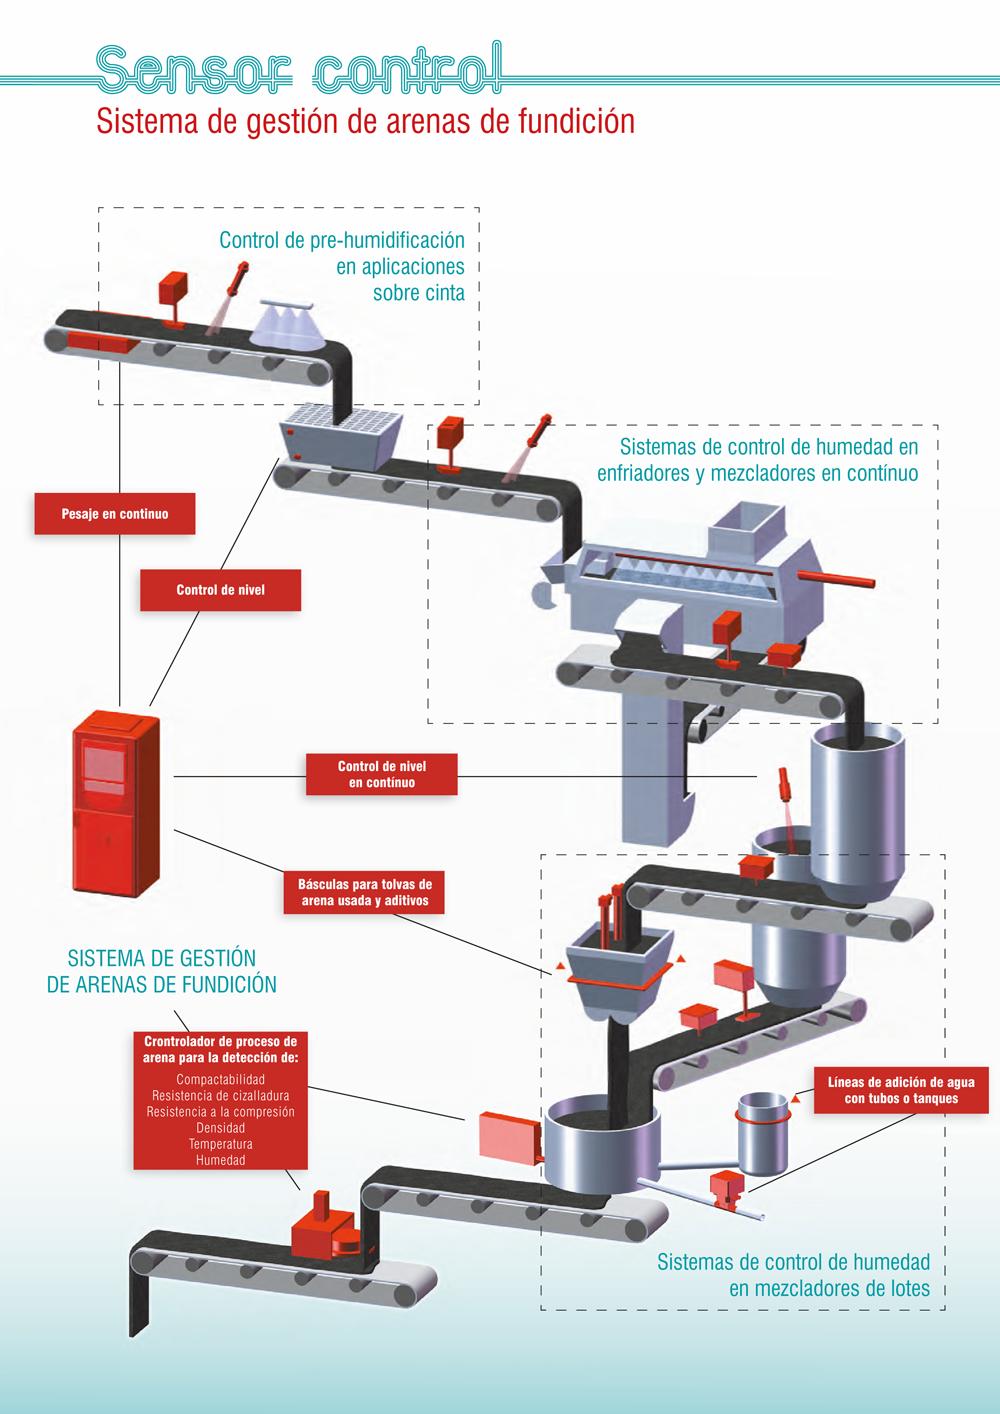 Ejemplo de un Sistema de control para reciclado de arena